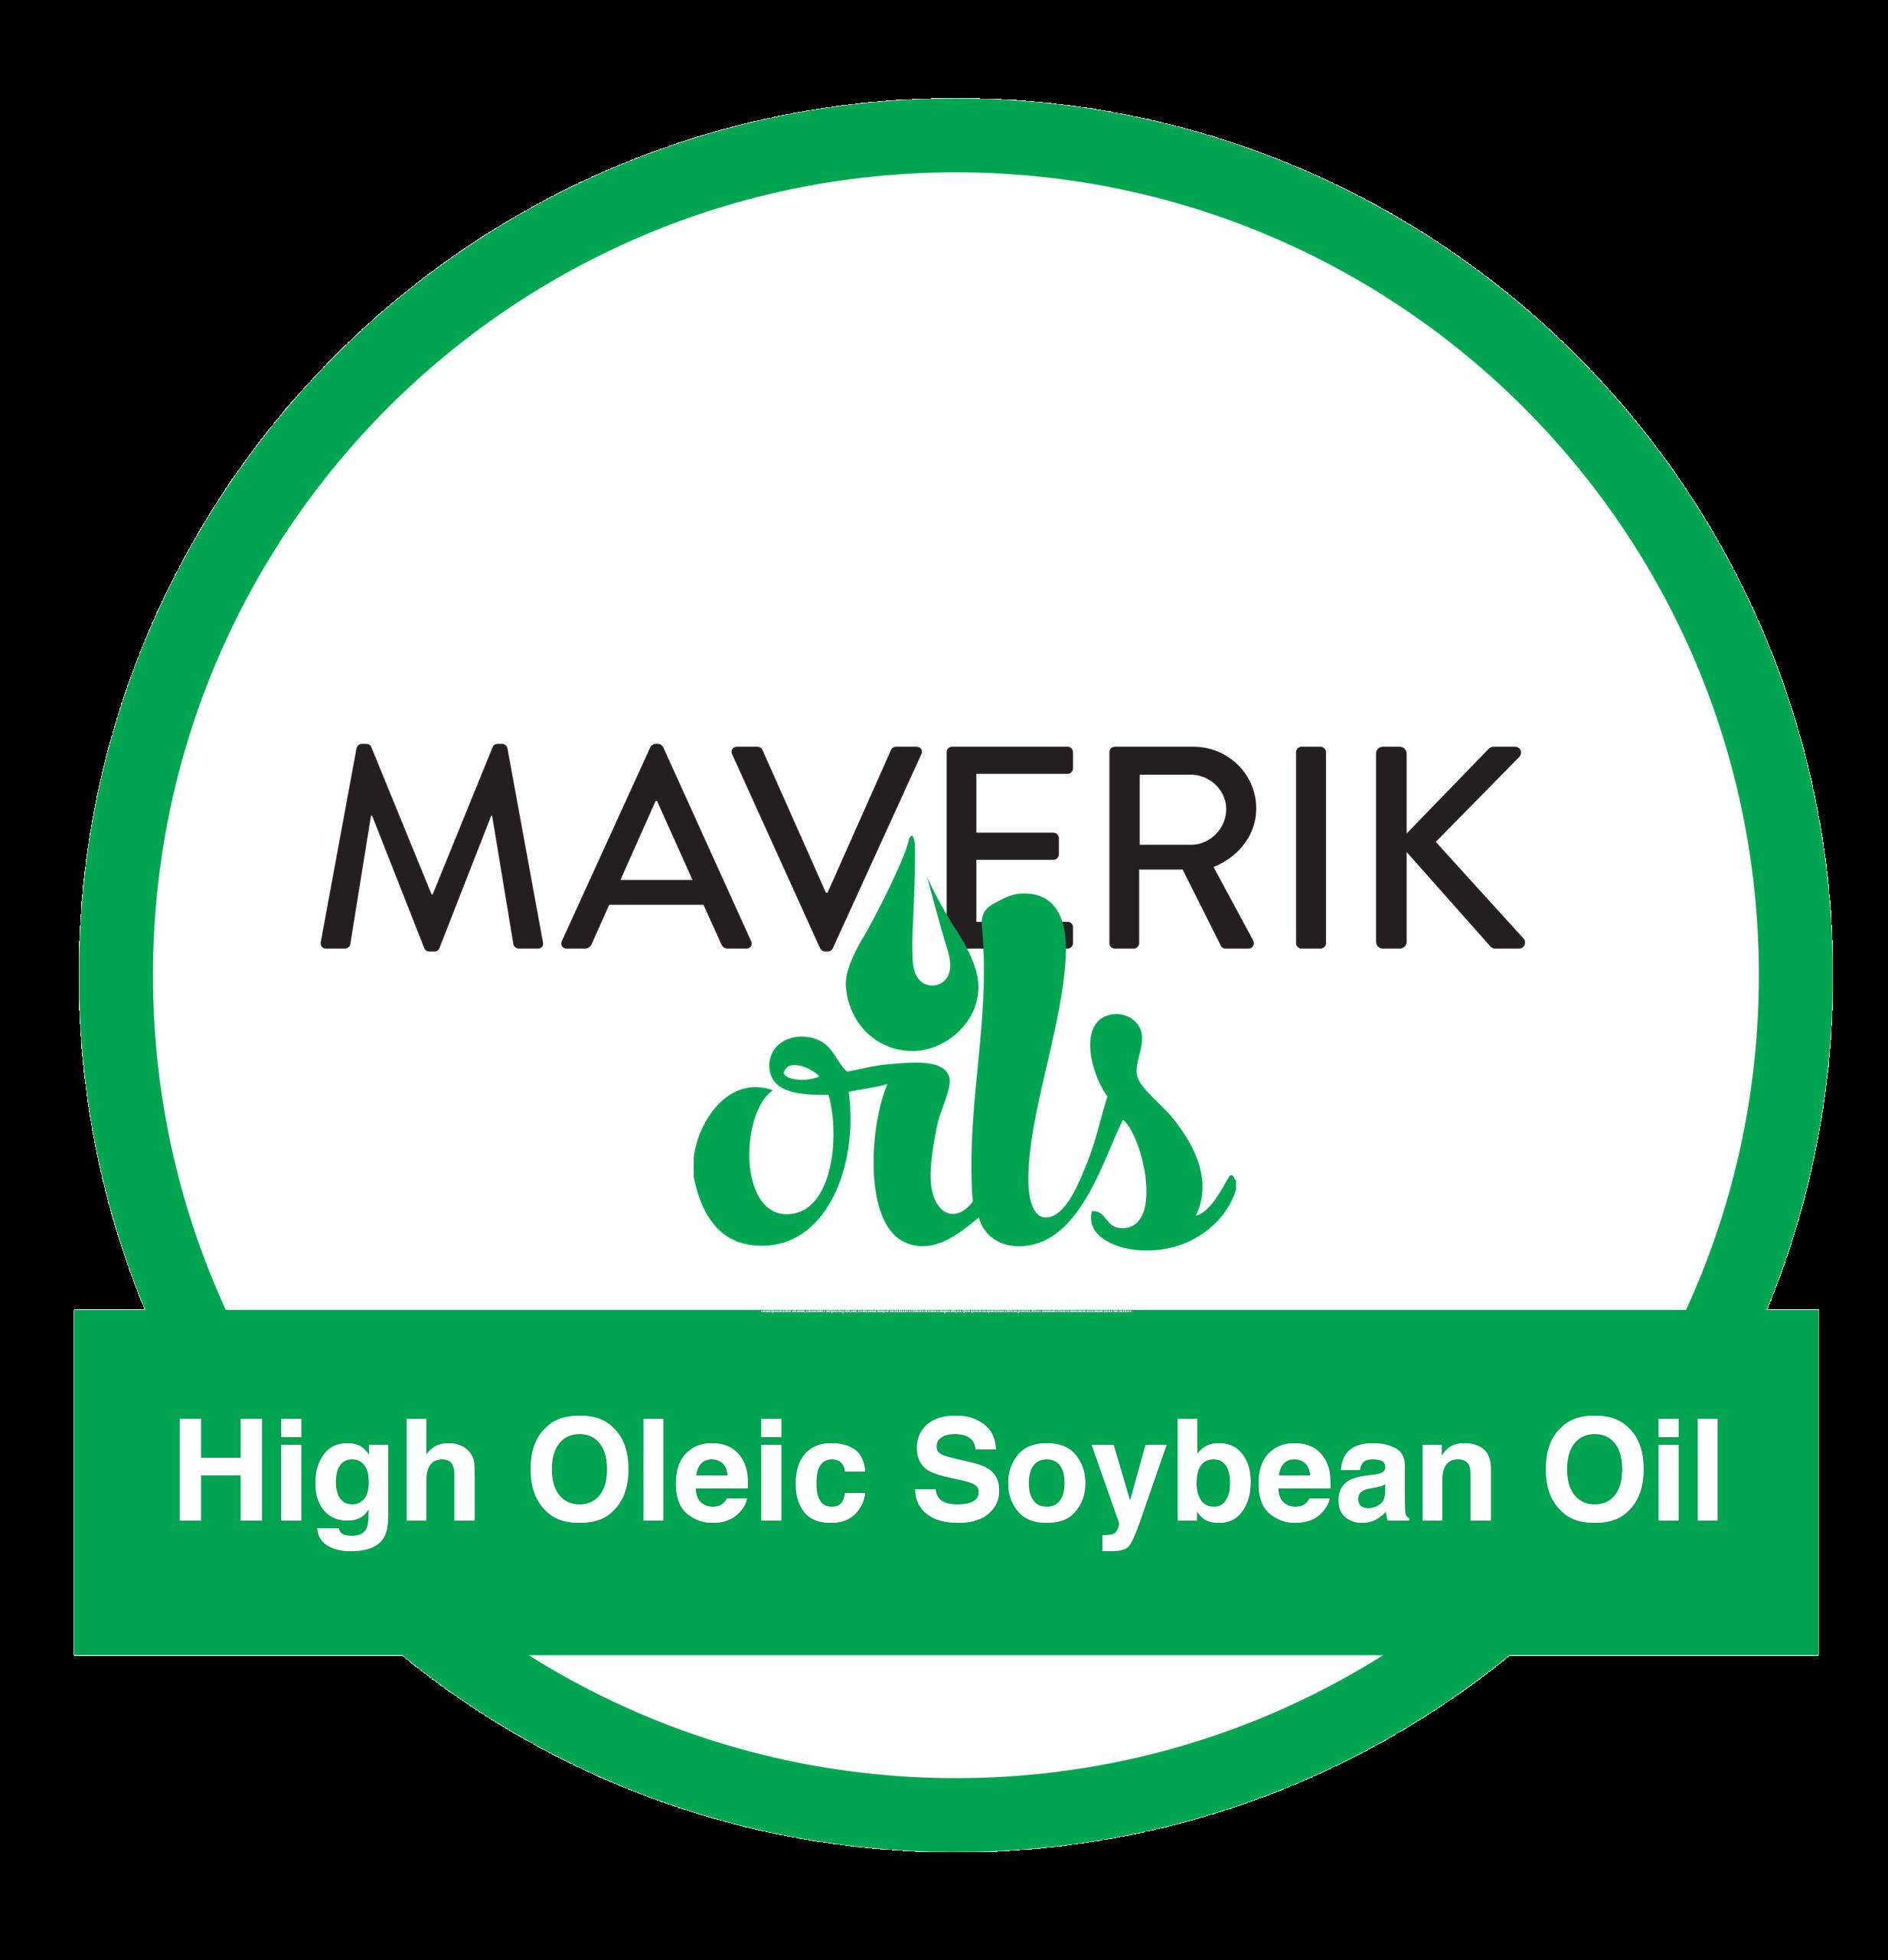 High Oleic Soybean Oil